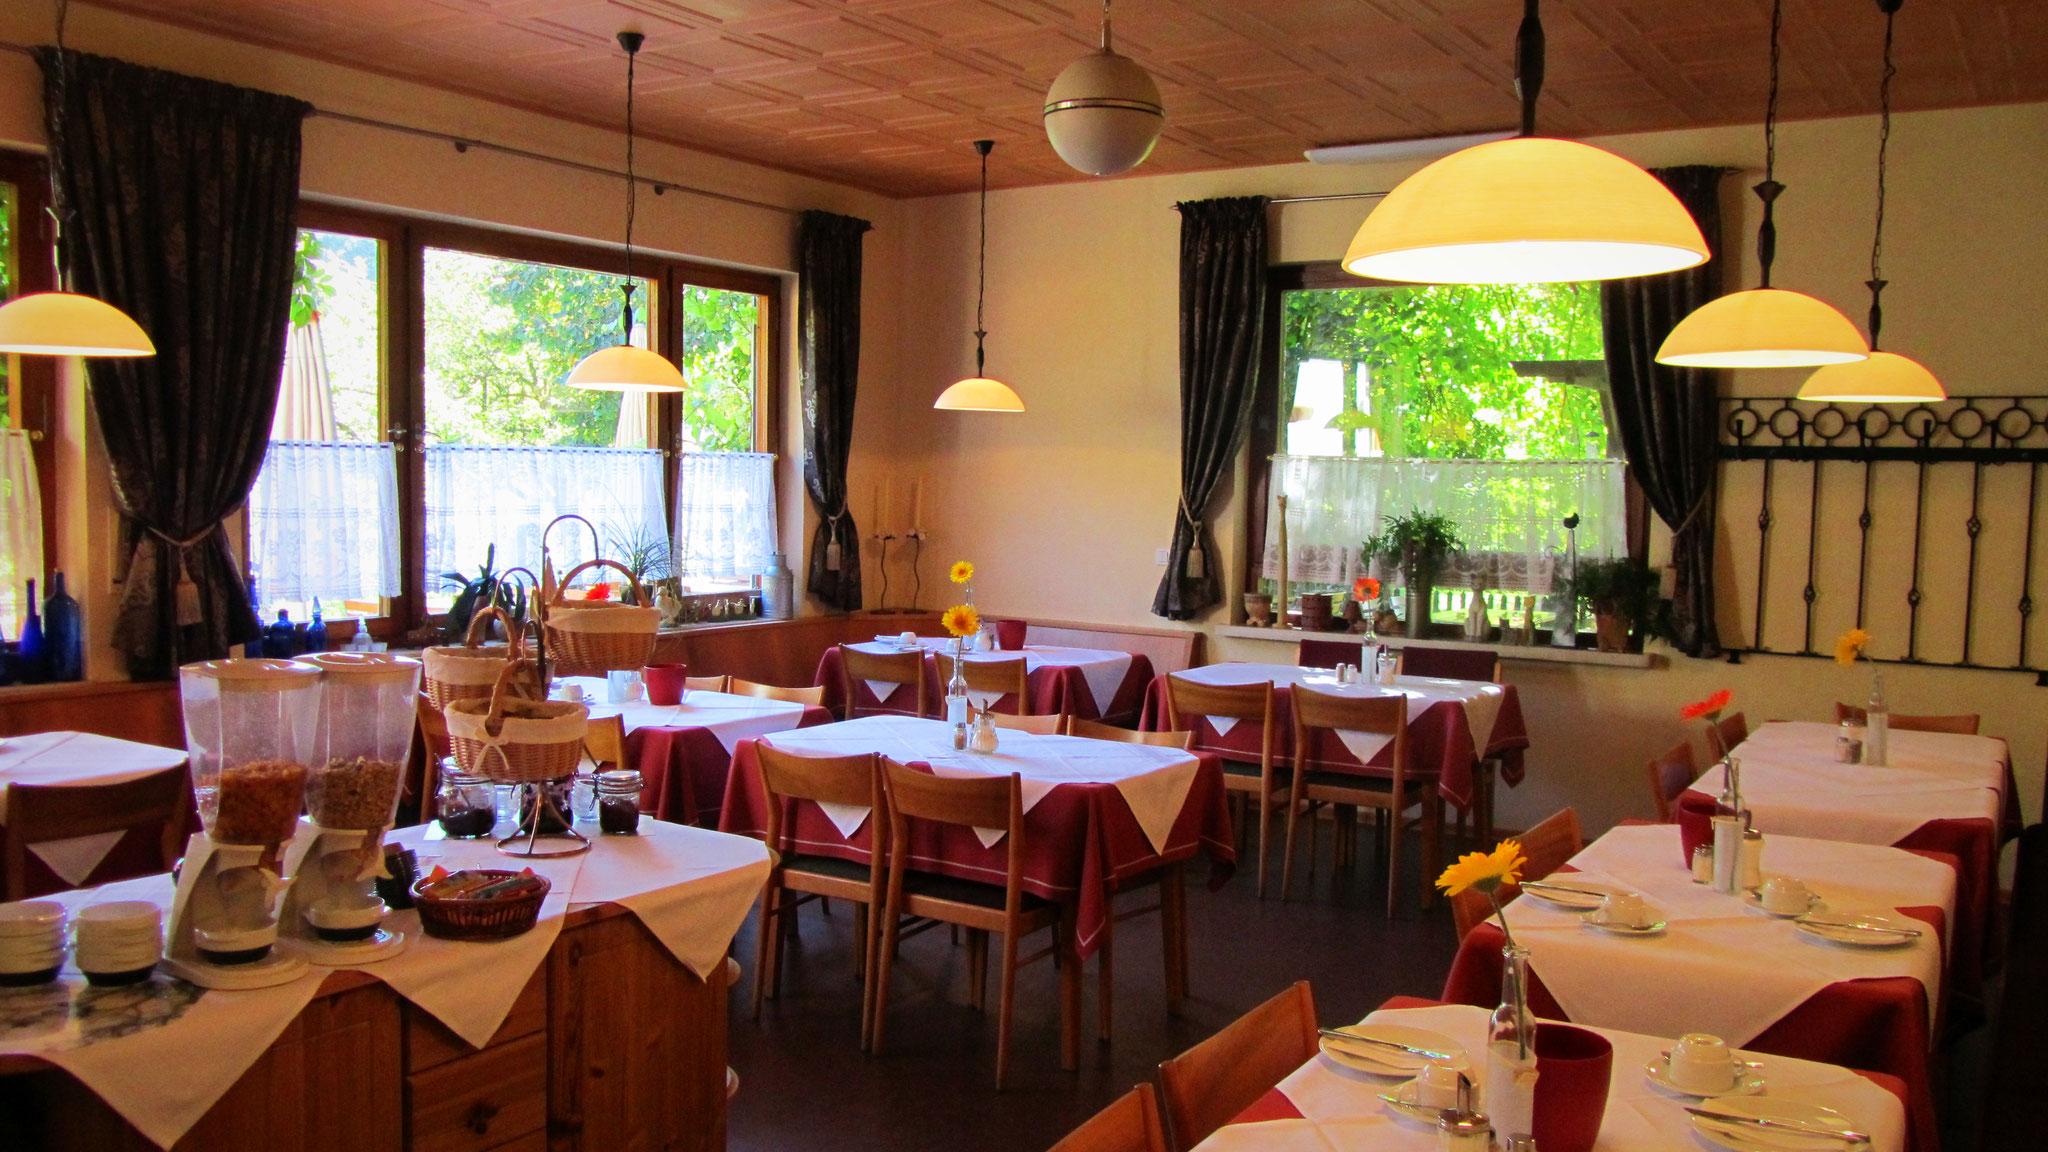 Unser heller Frühstücksraum im Landgasthof Bieger - Ebermannstadt